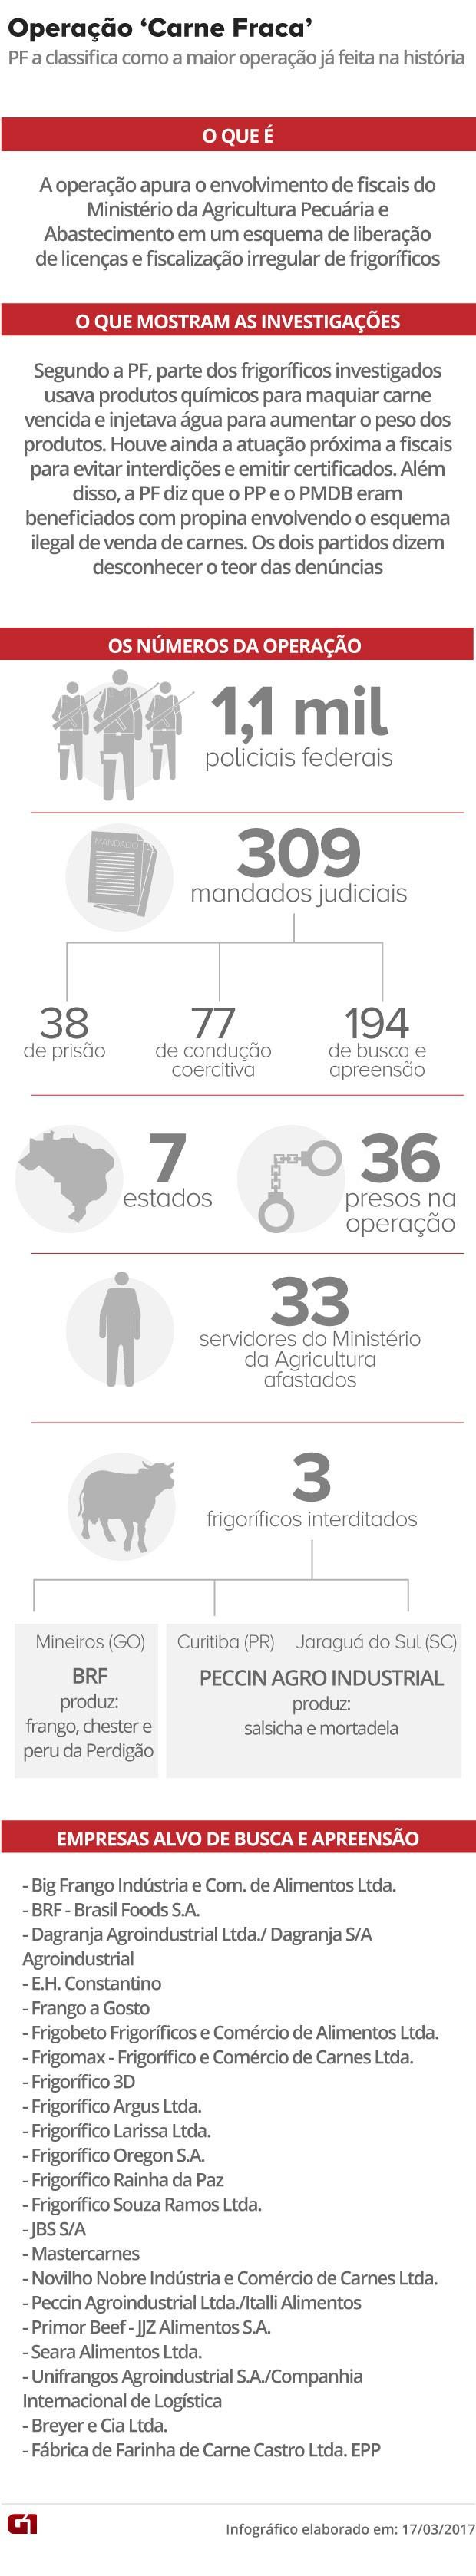 operacao carne fraca, arte, v4, 36 presos (Foto: Editoria de Arte/G1)